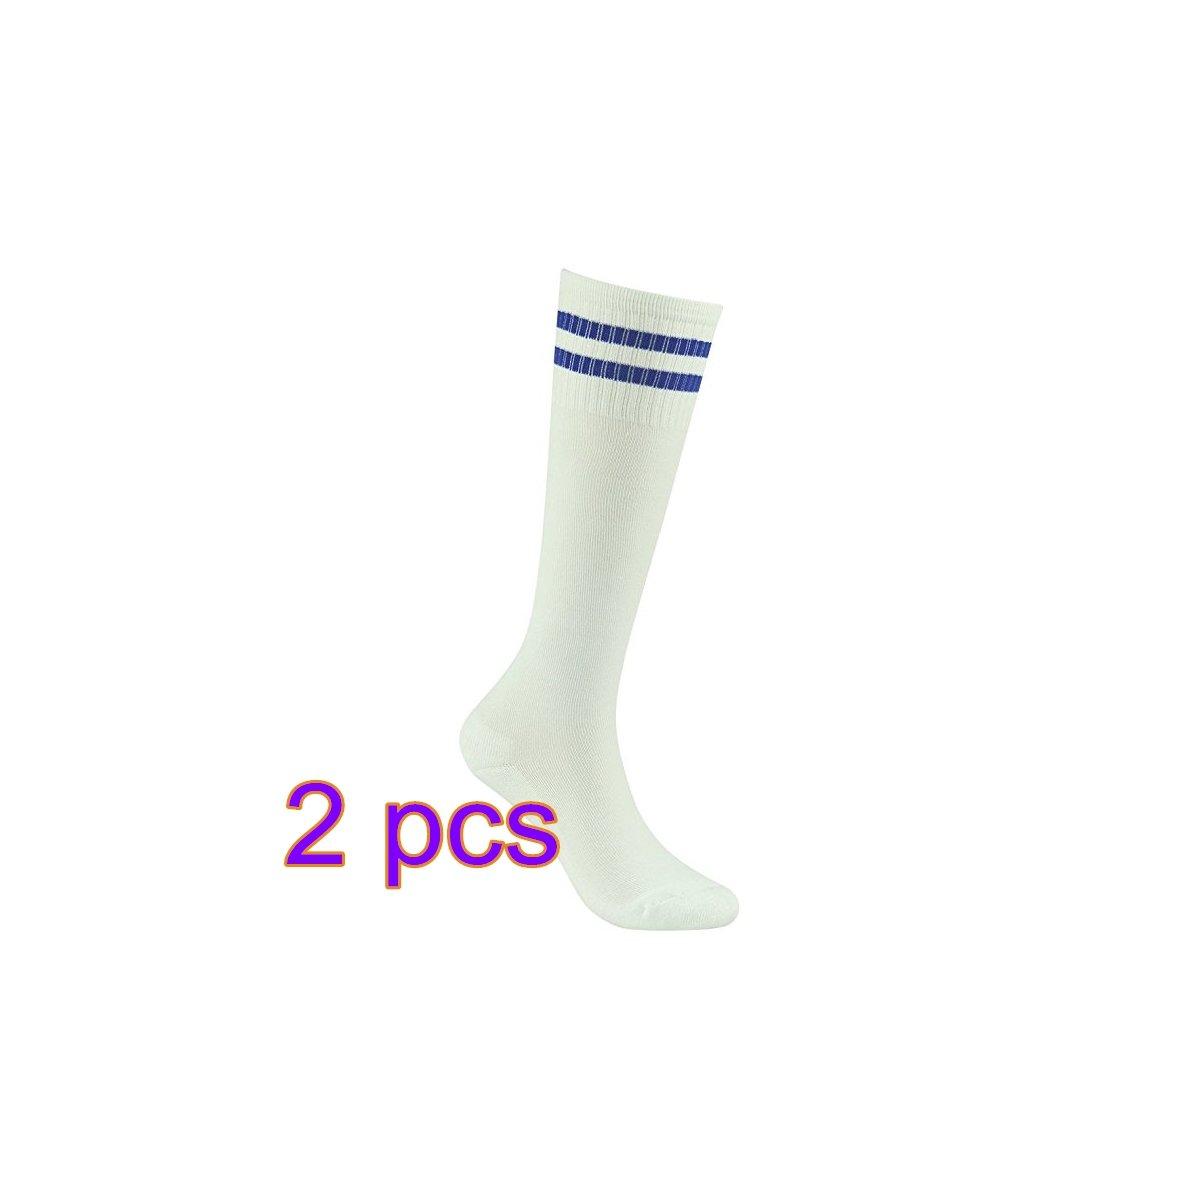 Demarkt Fußball Socken Sport Socken Volleyballsocken Stutzenstrumpf Tanzensocken für Damen und Herren gute Elastizität Streifen Weiß